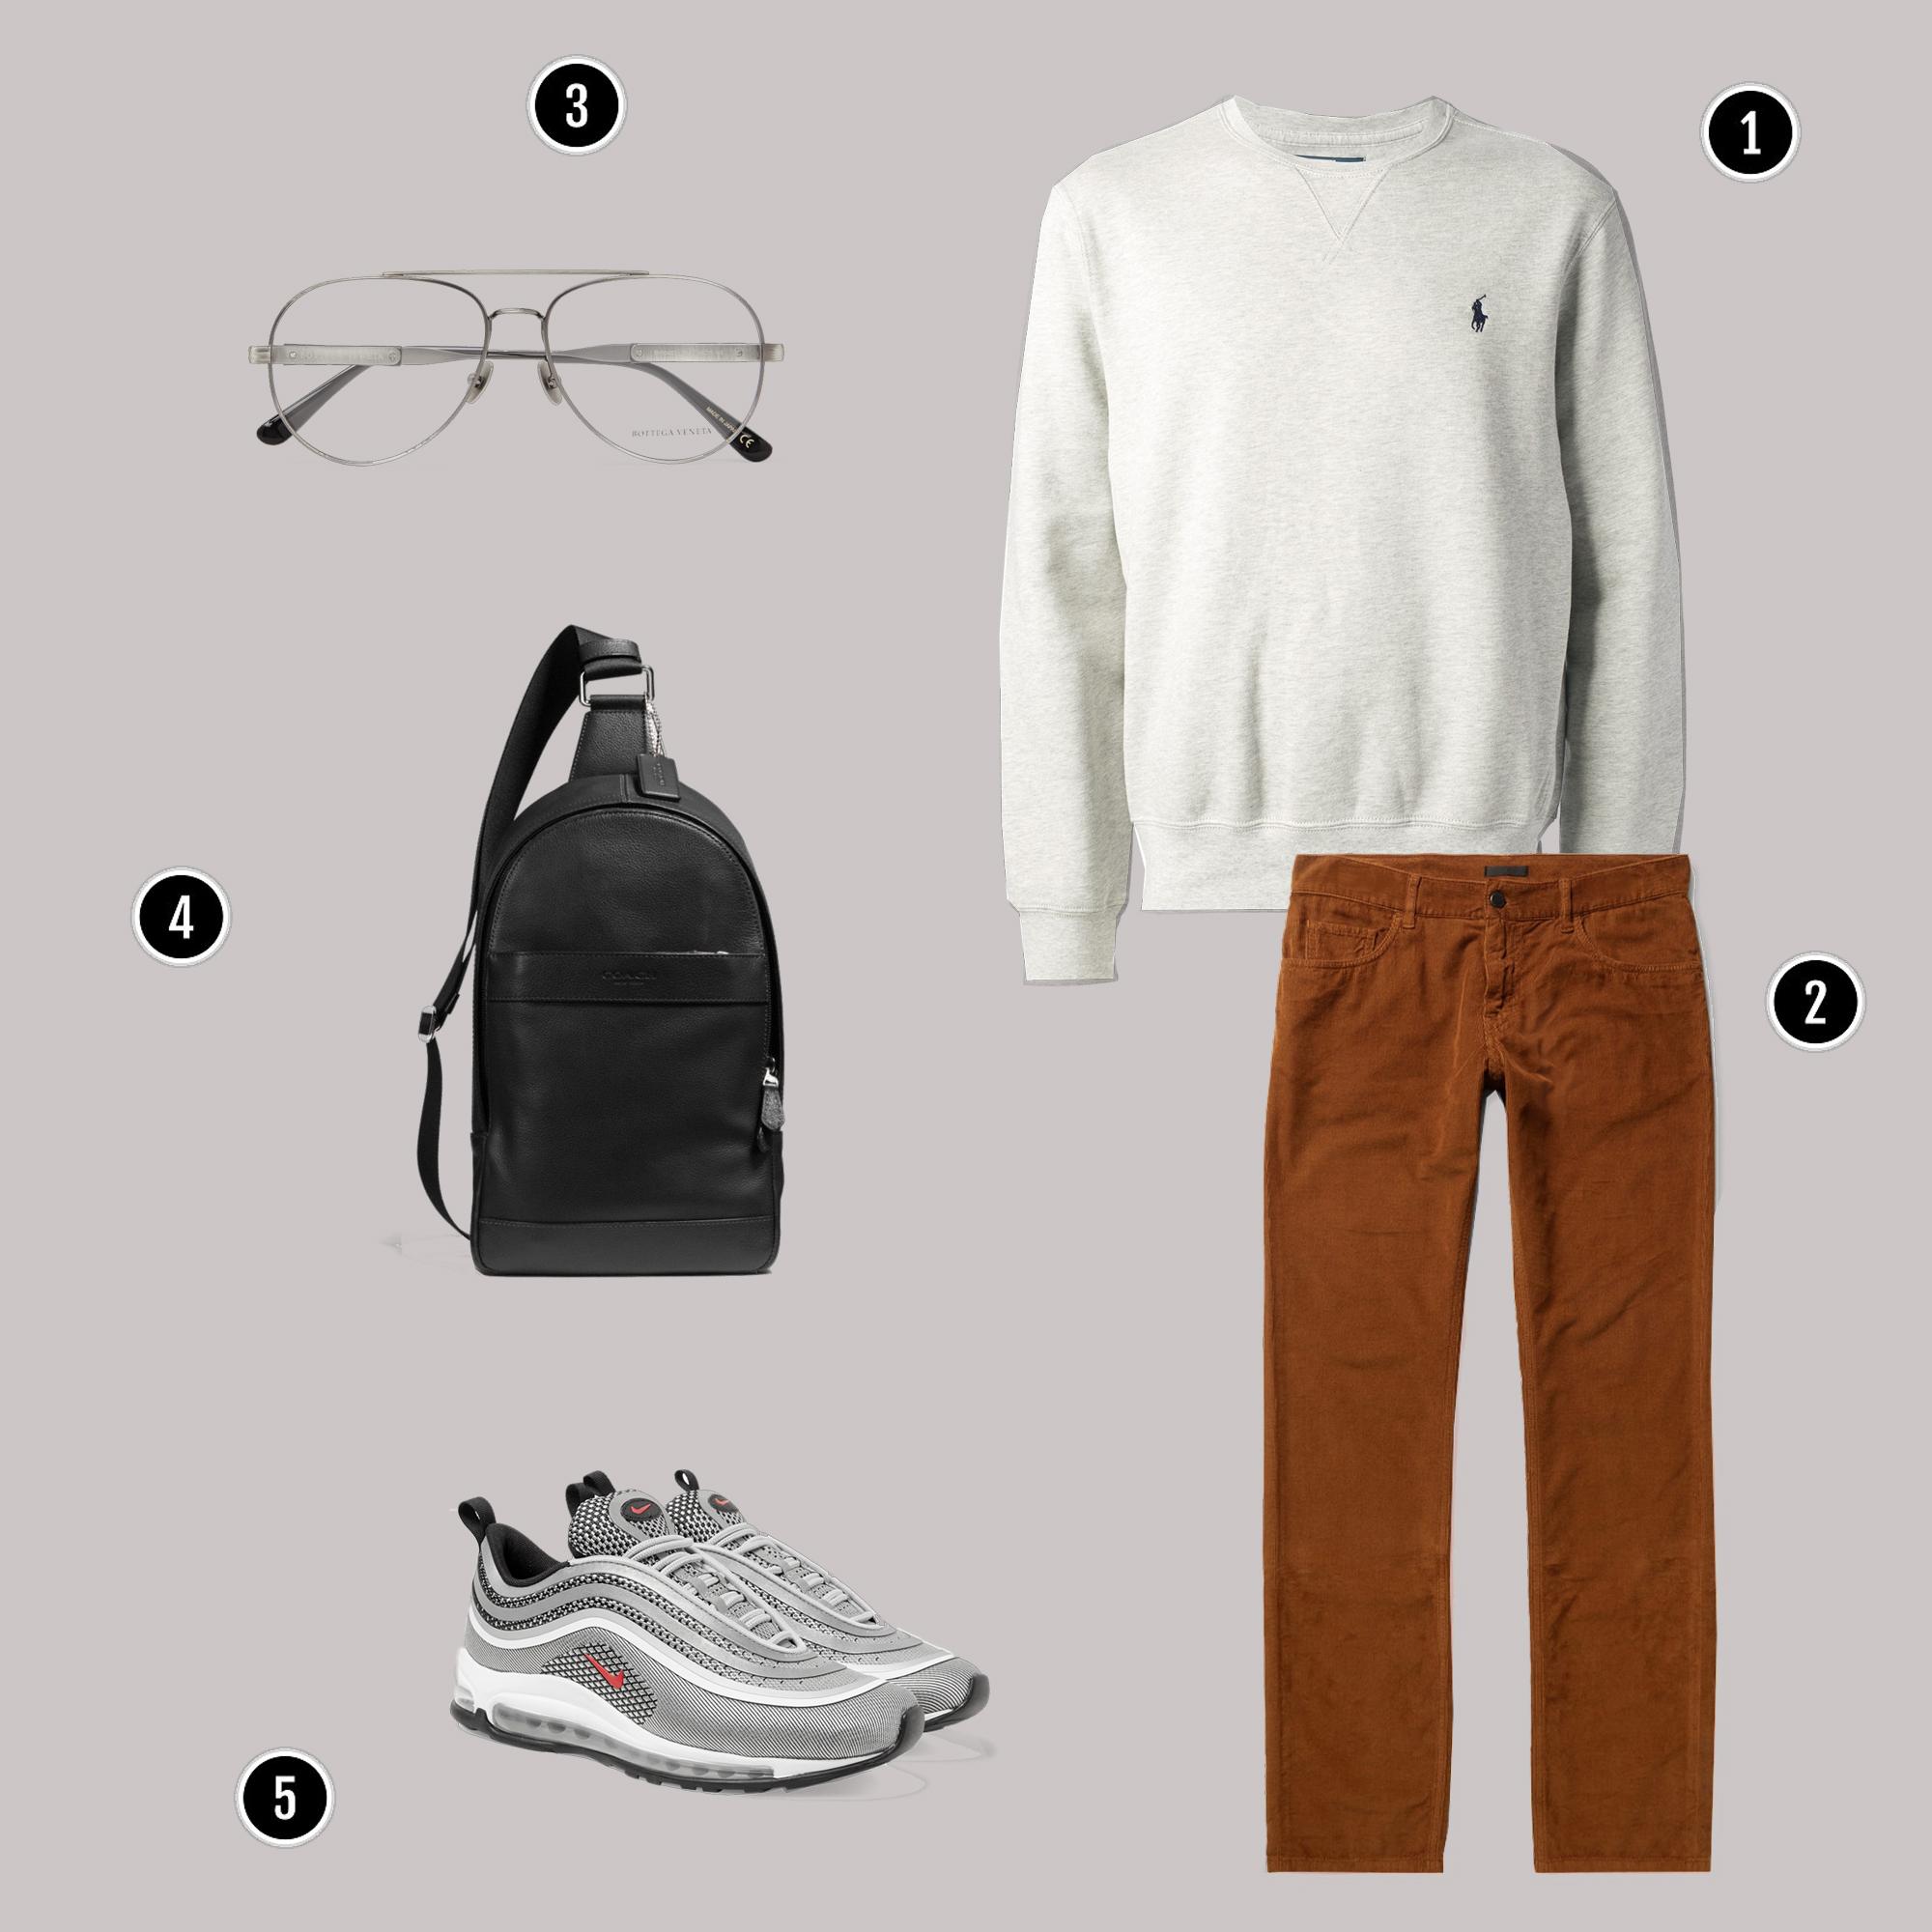 1. Áo: Ralph Laurent / 2. Quần: Gucci/ 3. Kính: Bottega veneta/ 4. Túi: Coach / 5. Giày: Nike